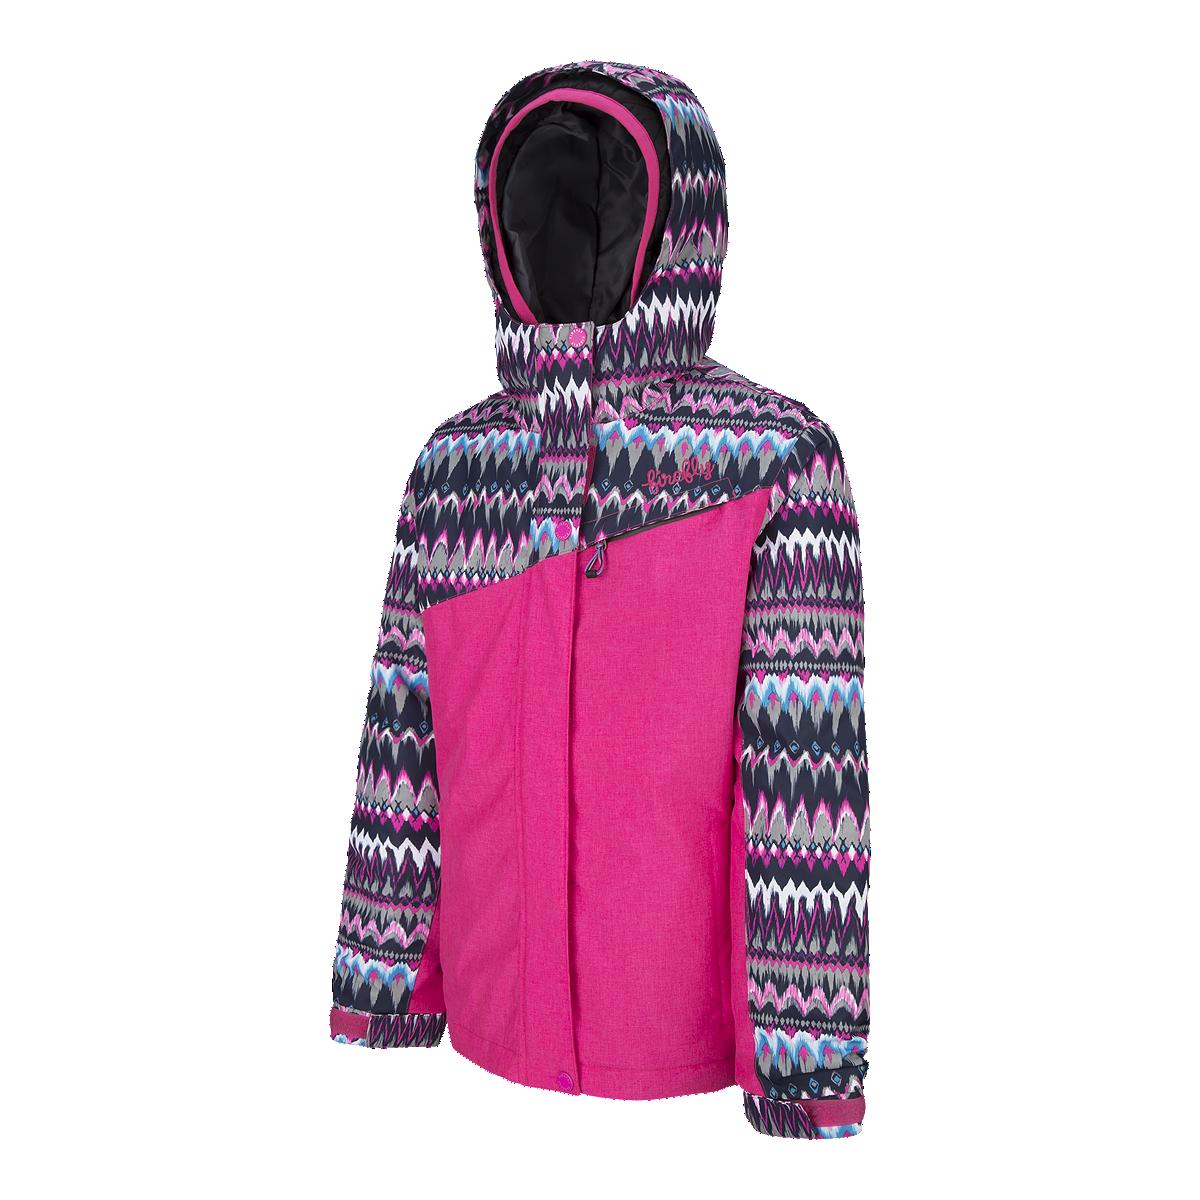 01c44ba53 Firefly Girls' Paris 3 In 1 Winter Jacket - PINKGLO MELANGE